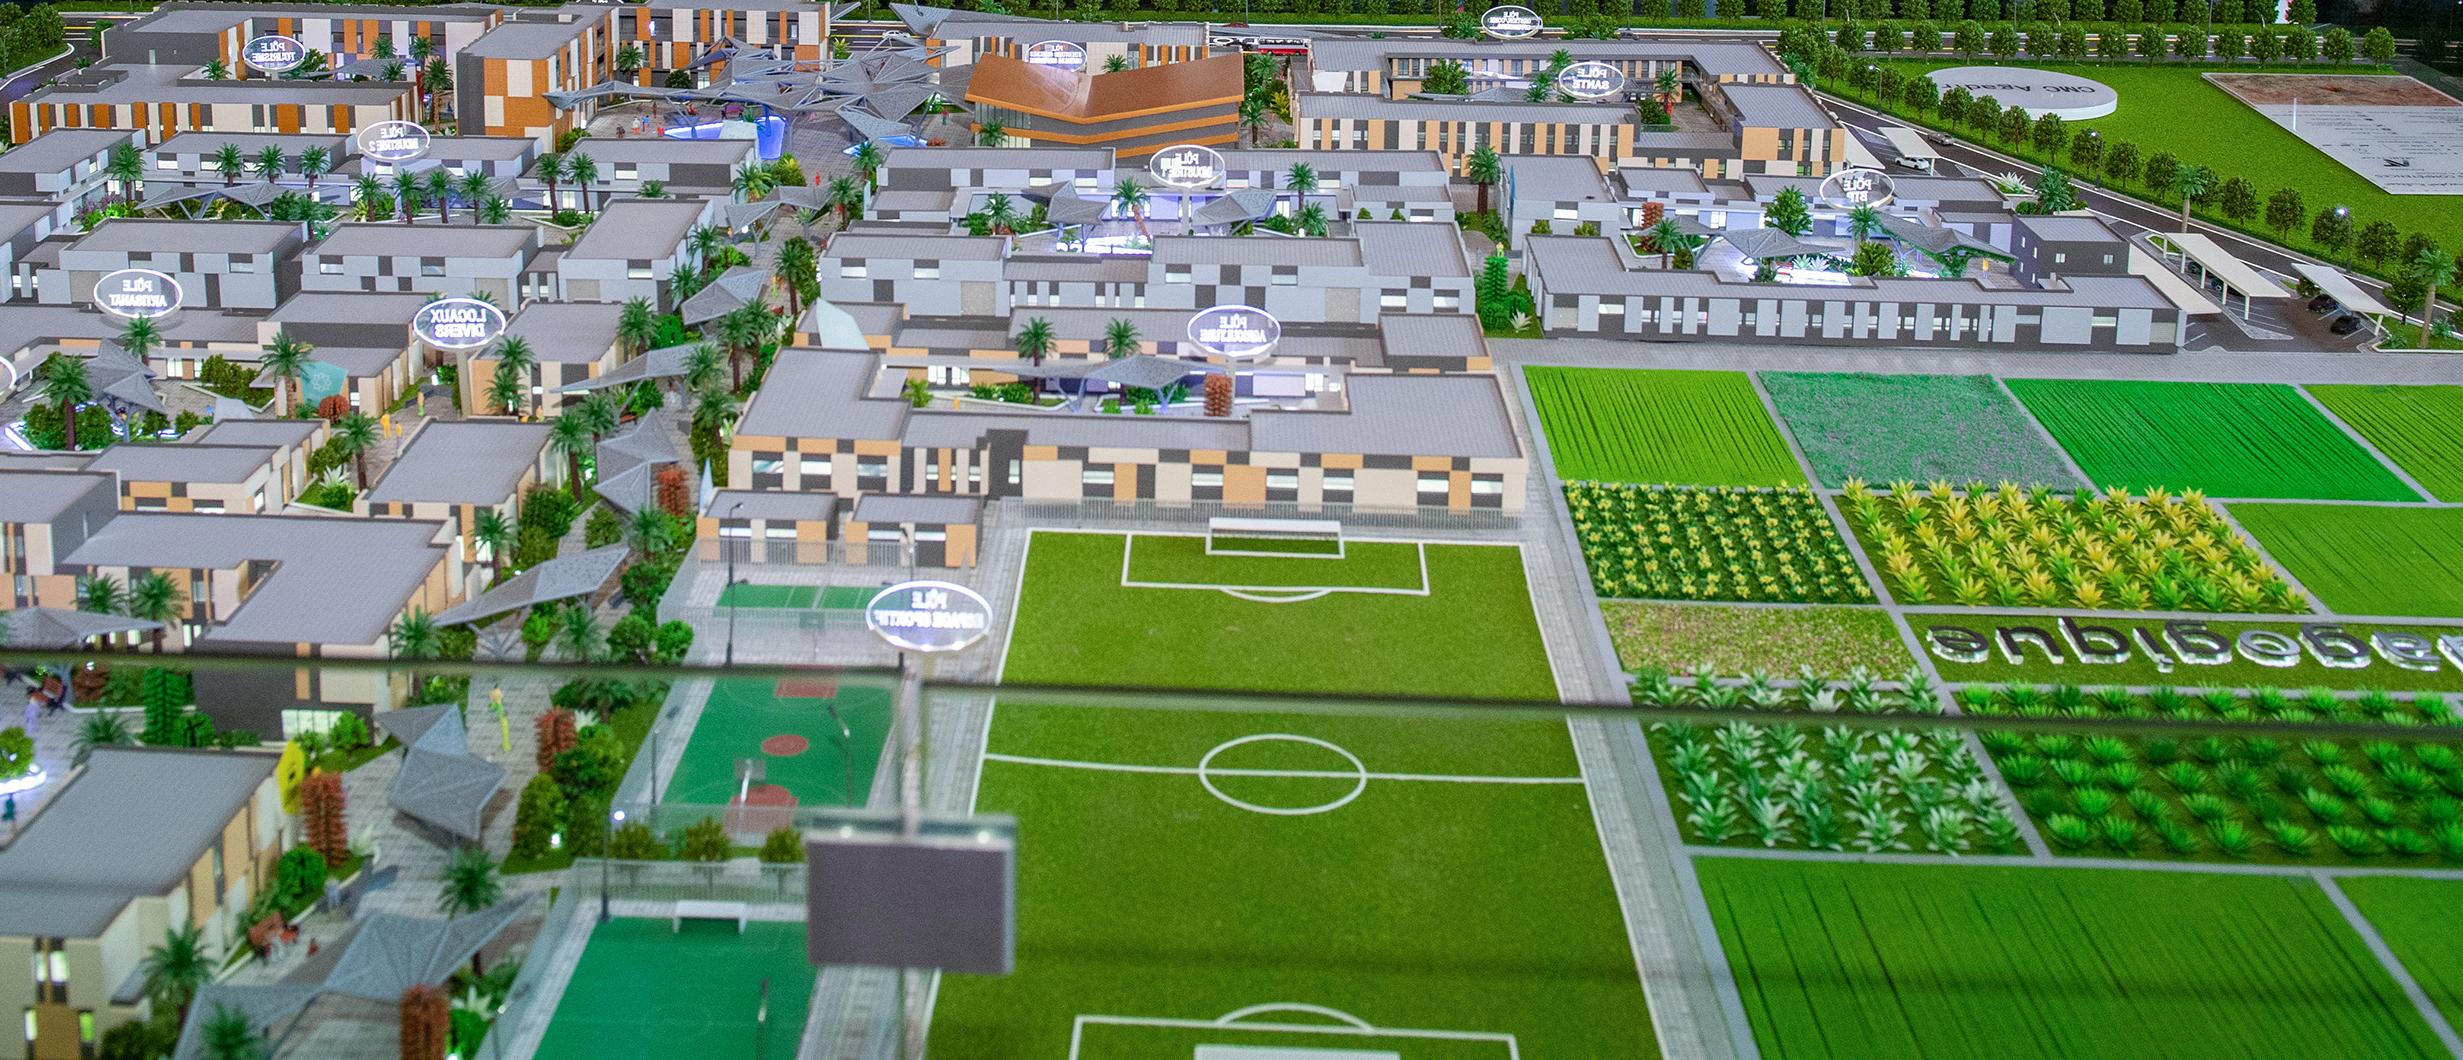 أشغال مدينة المهن ستنطلق هذا الشهر وكل شيء جاهز لأهم مشروع بالإقليم